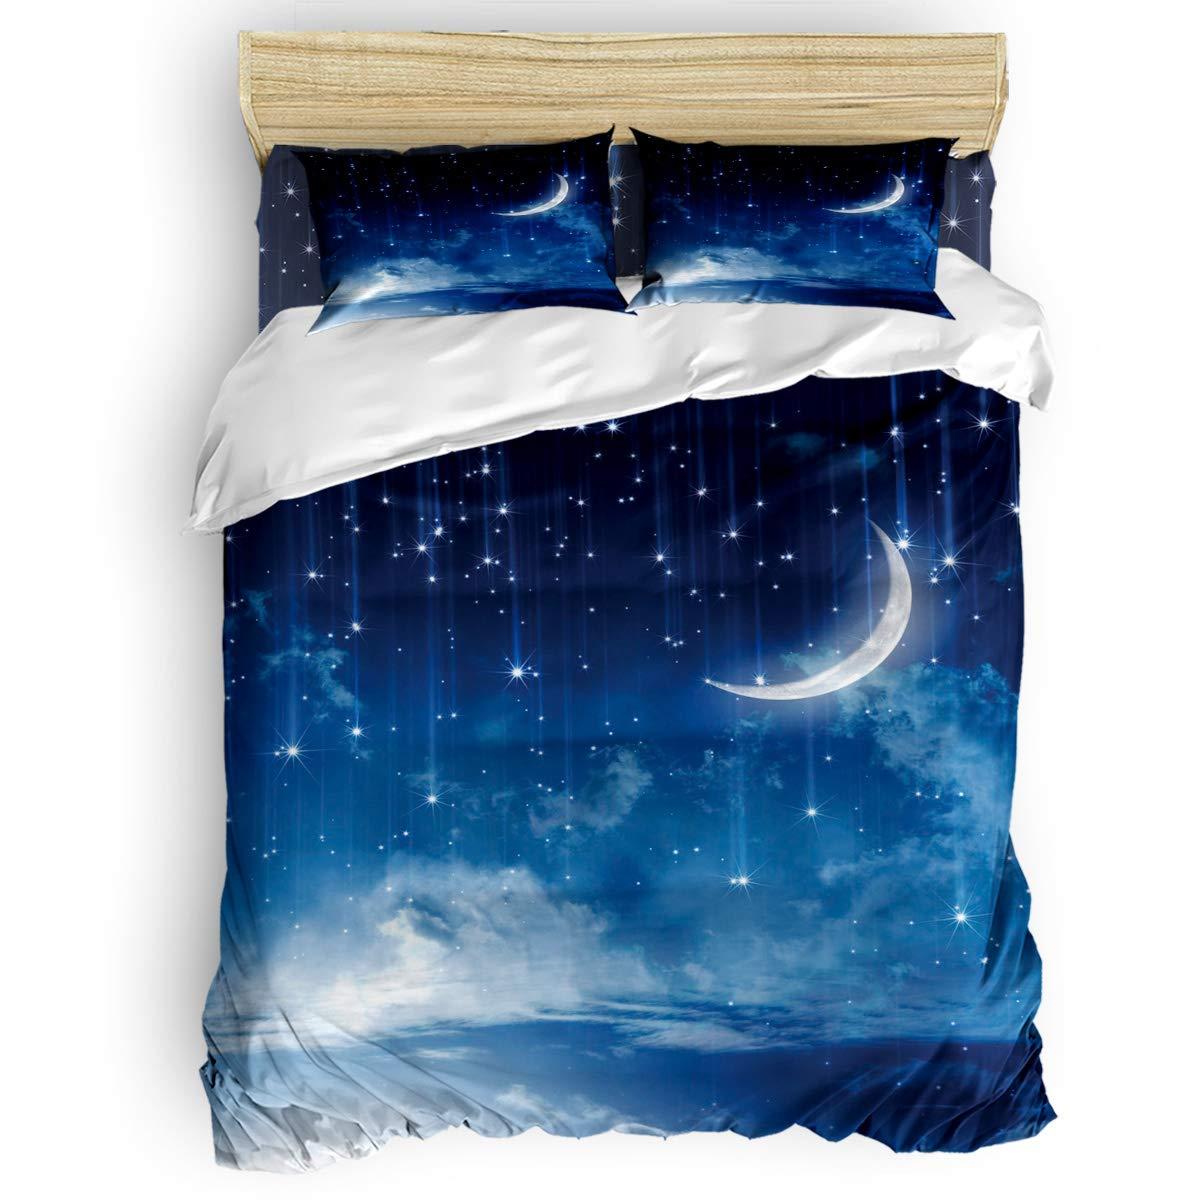 掛け布団カバー 4点セット ビーチ青い海 美しい熱帯海景 寝具カバーセット ベッド用 べッドシーツ 枕カバー 洋式 和式兼用 布団カバー 肌に優しい 羽毛布団セット 100%ポリエステル キング B07TGBMLN4 starry night4LAS4242 キング